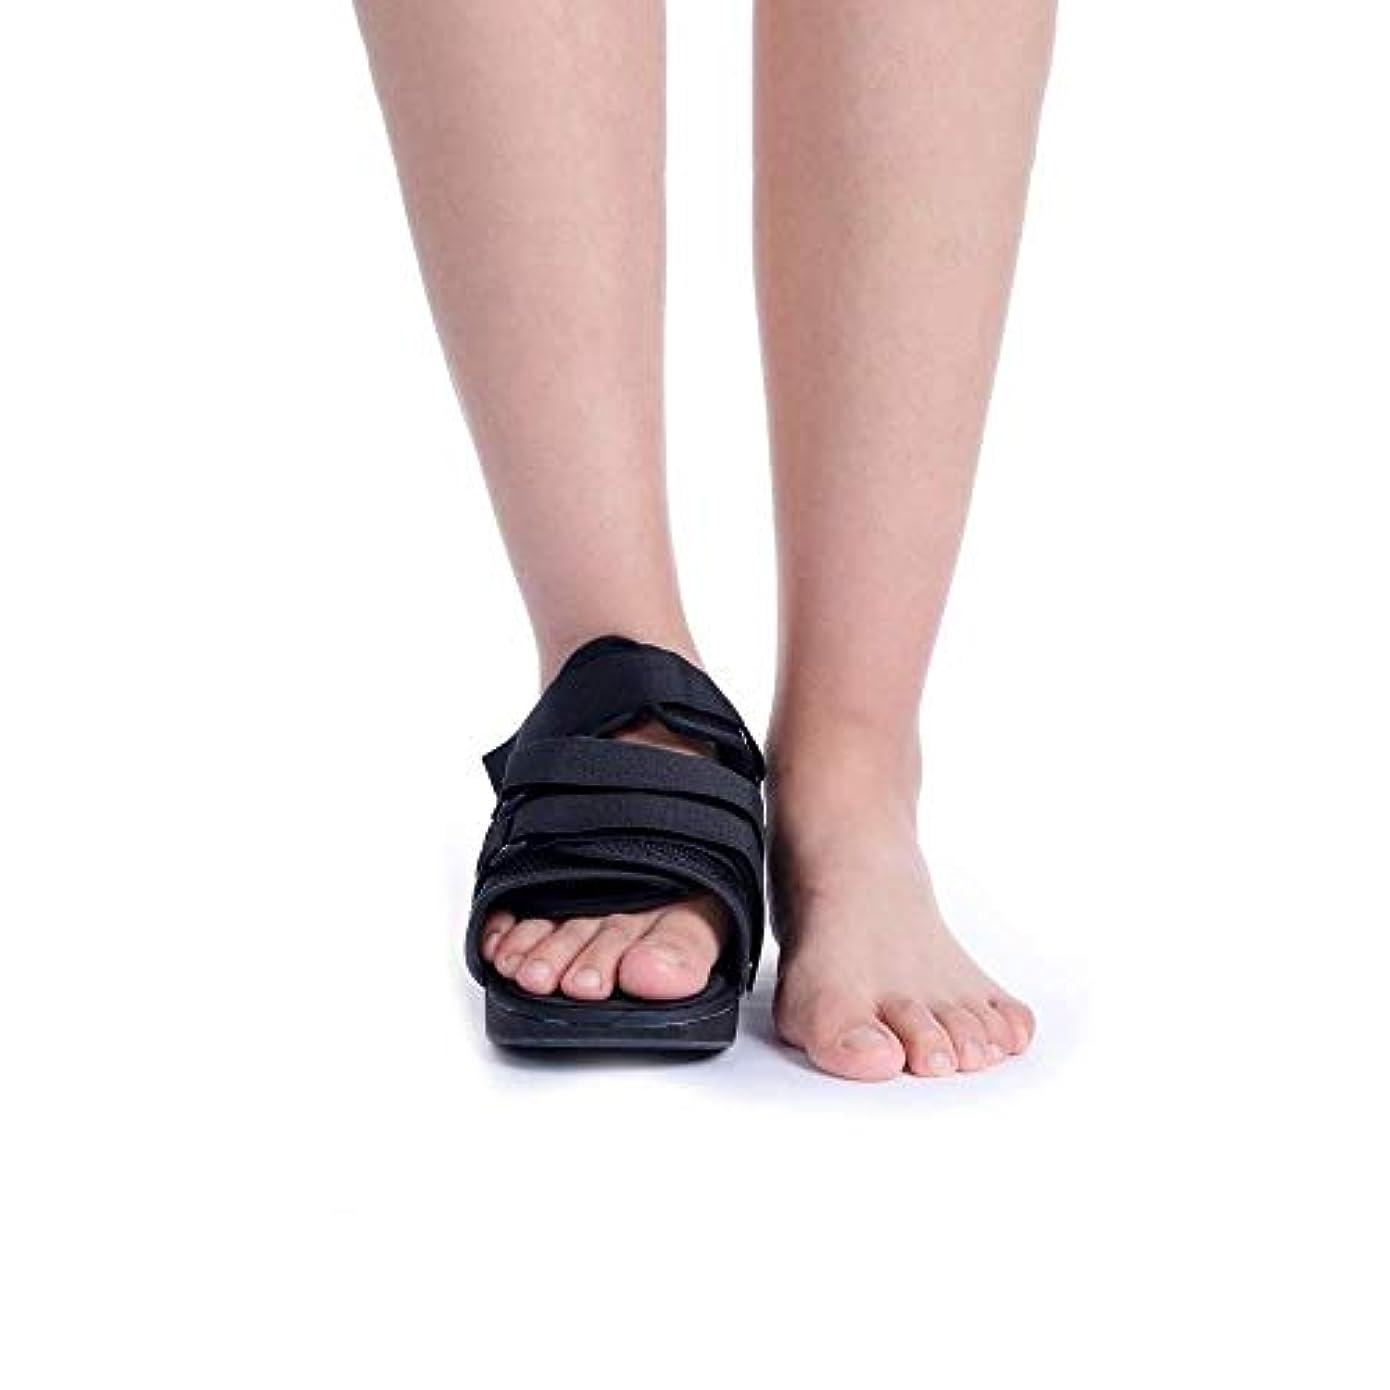 百万むしゃむしゃ品術後靴 - 従来の履物を使用することができない場合に、足またはつま先の手術/手術に最適です。 (Size : S)